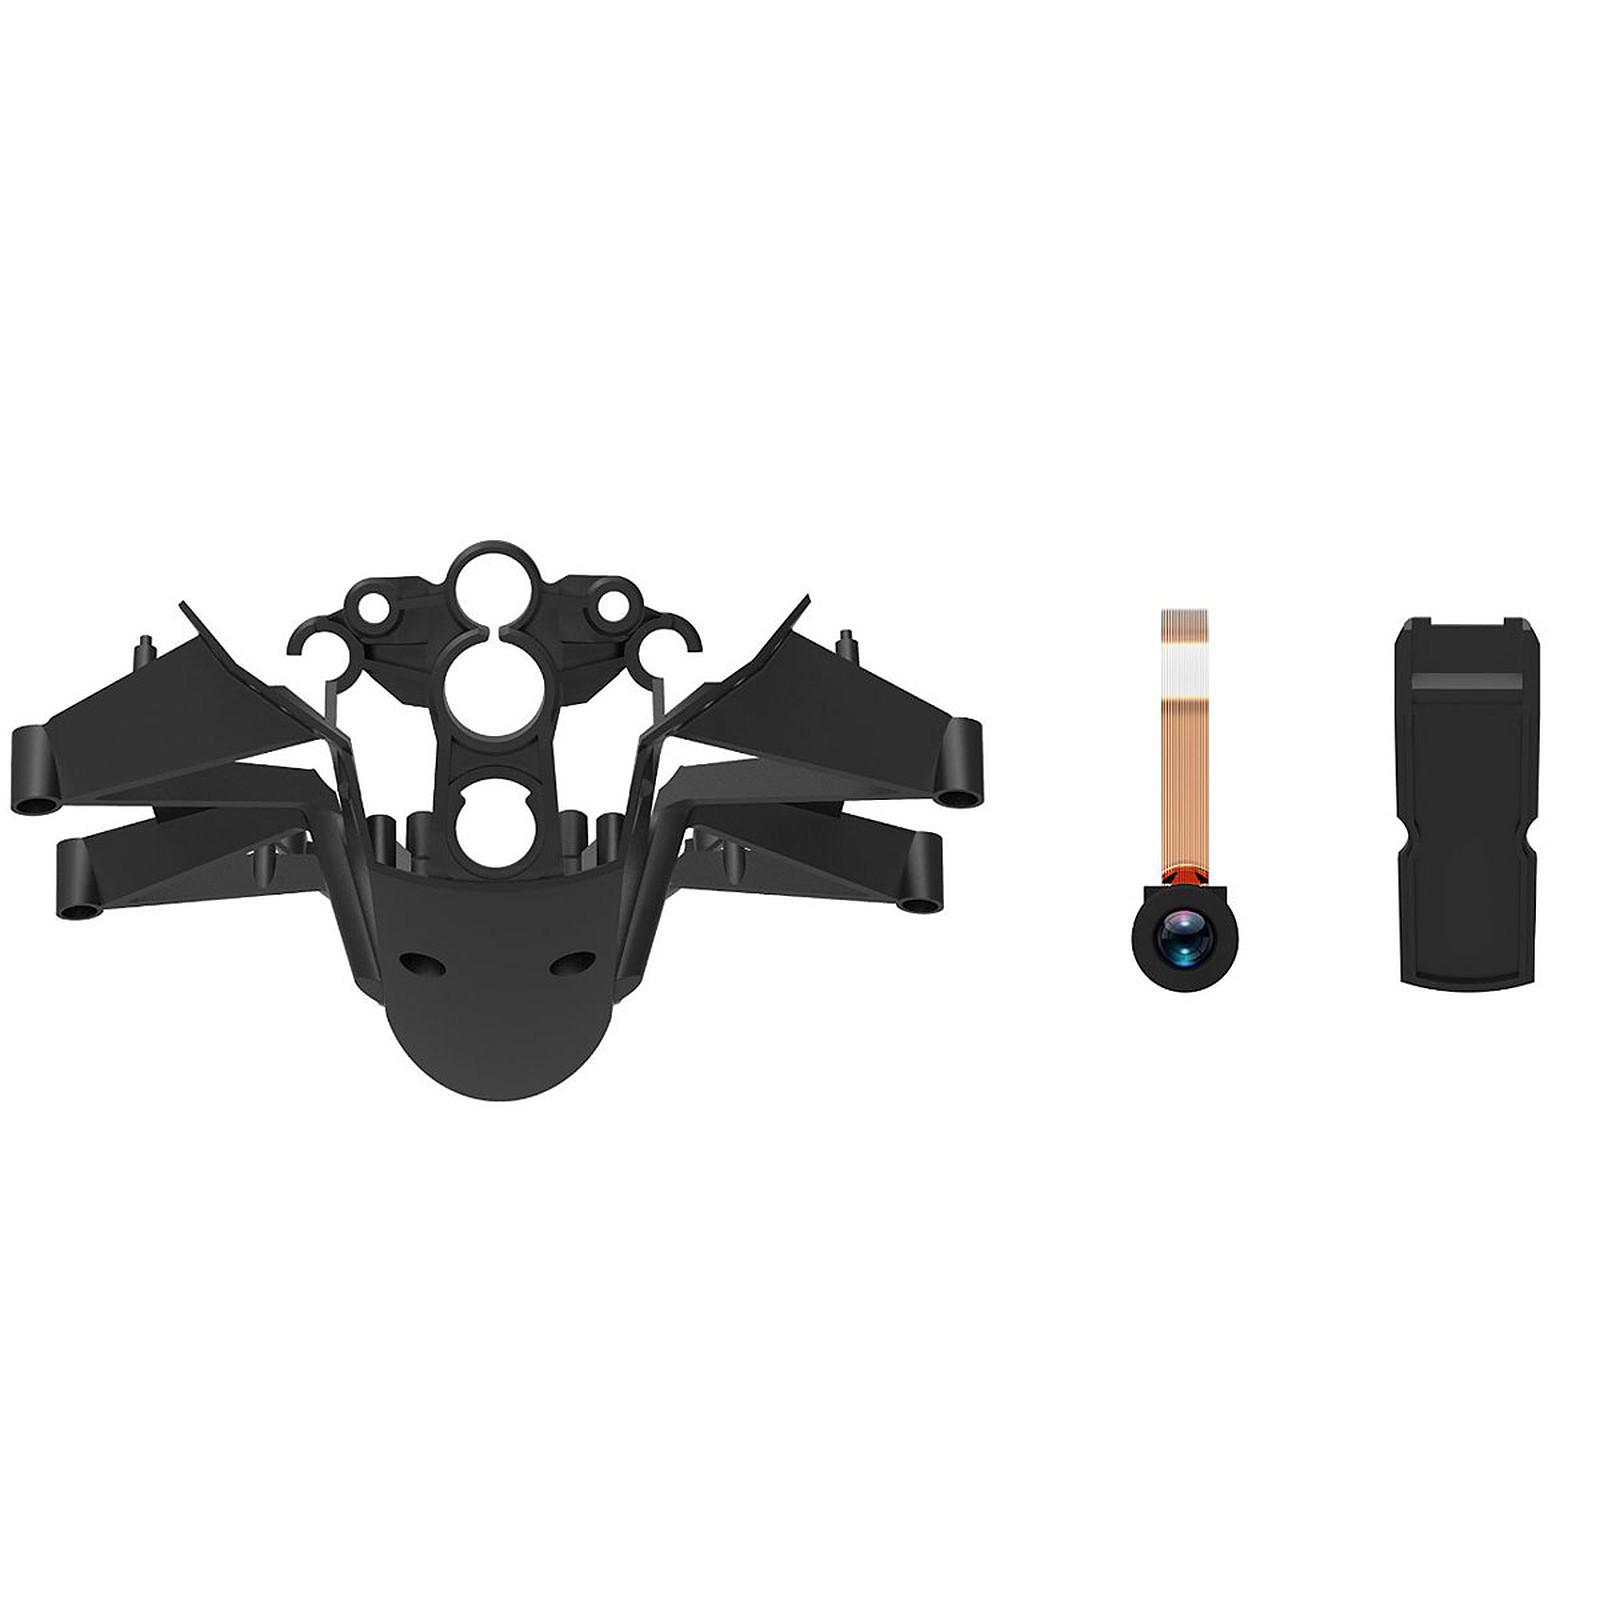 Parrot Caméra et structure pour MiniDrone Jumping Sumo Noir